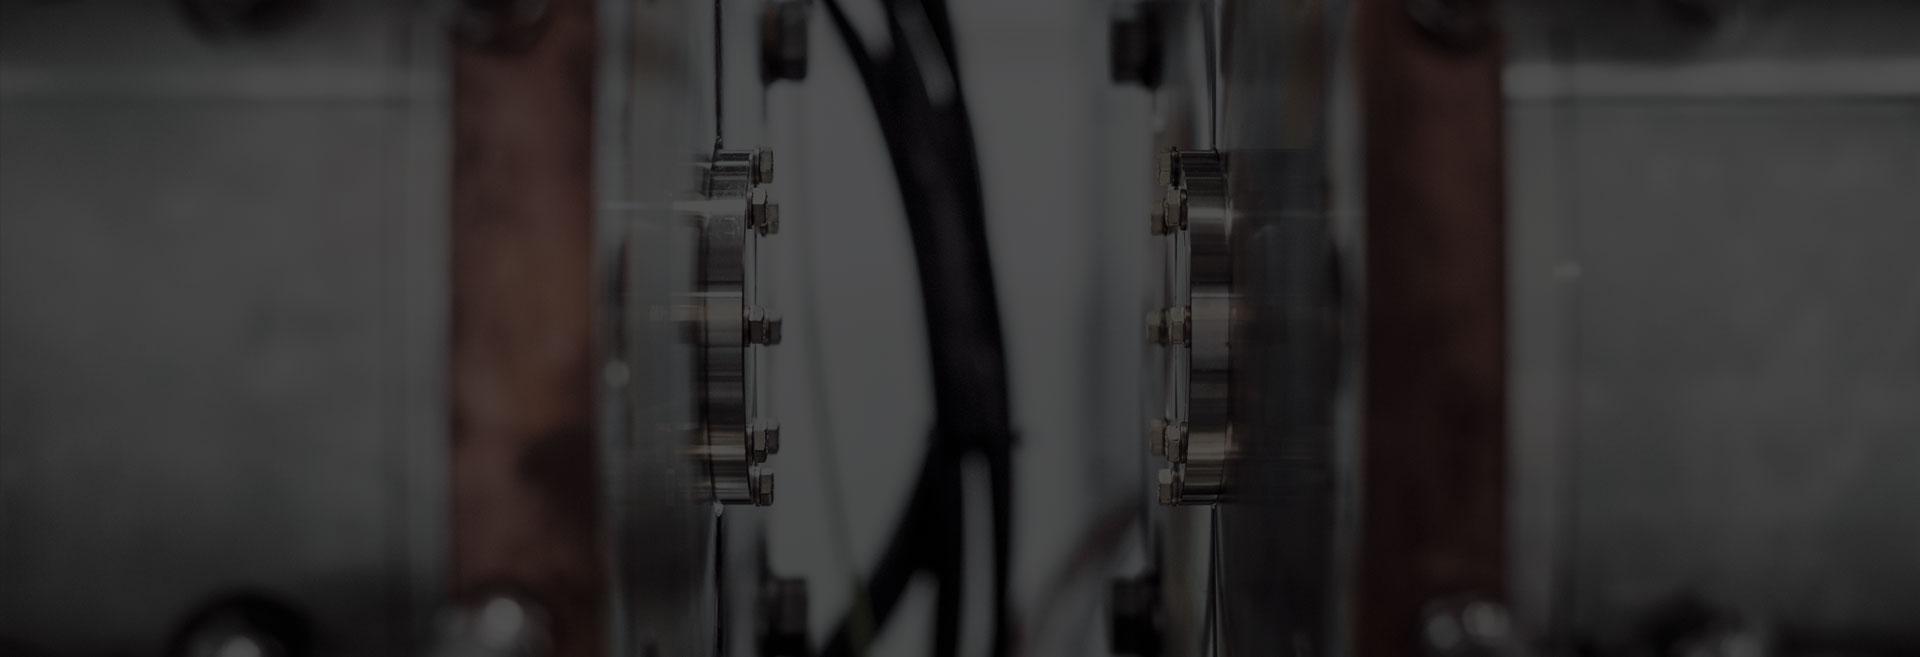 Stell-met. Fabricación industrial de maquinaria. Consultoría industrial. Diseño industrial y de producto